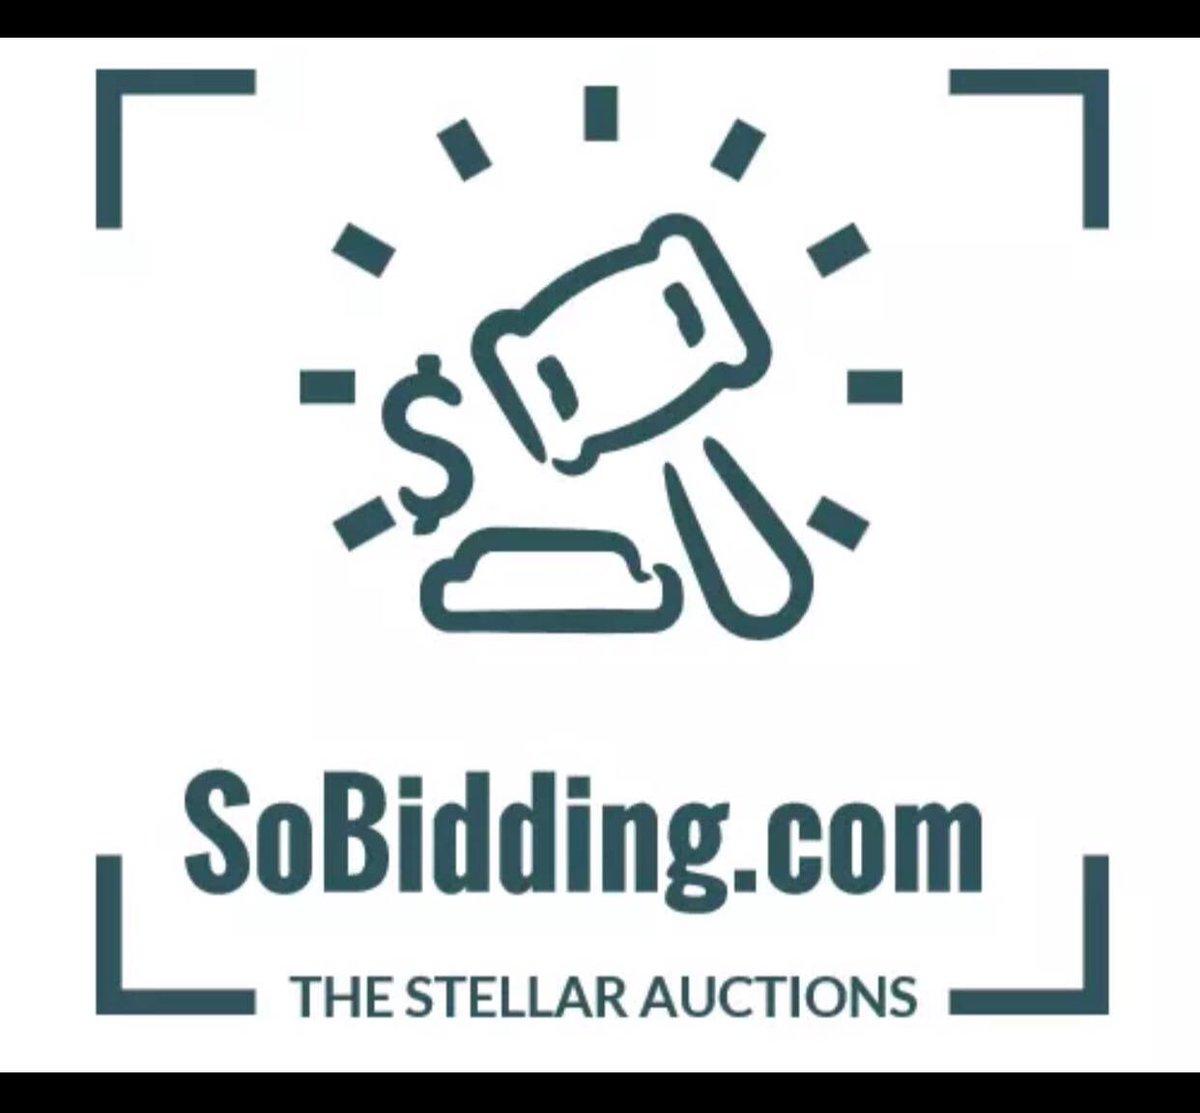 c1944507341 ... :SoBidding .com & Upbidding .com #Premium #Brandable #Auction/Marketplace  Domain NameGreat Domain For investment #Online_Auction #Venue/#Marketplace.